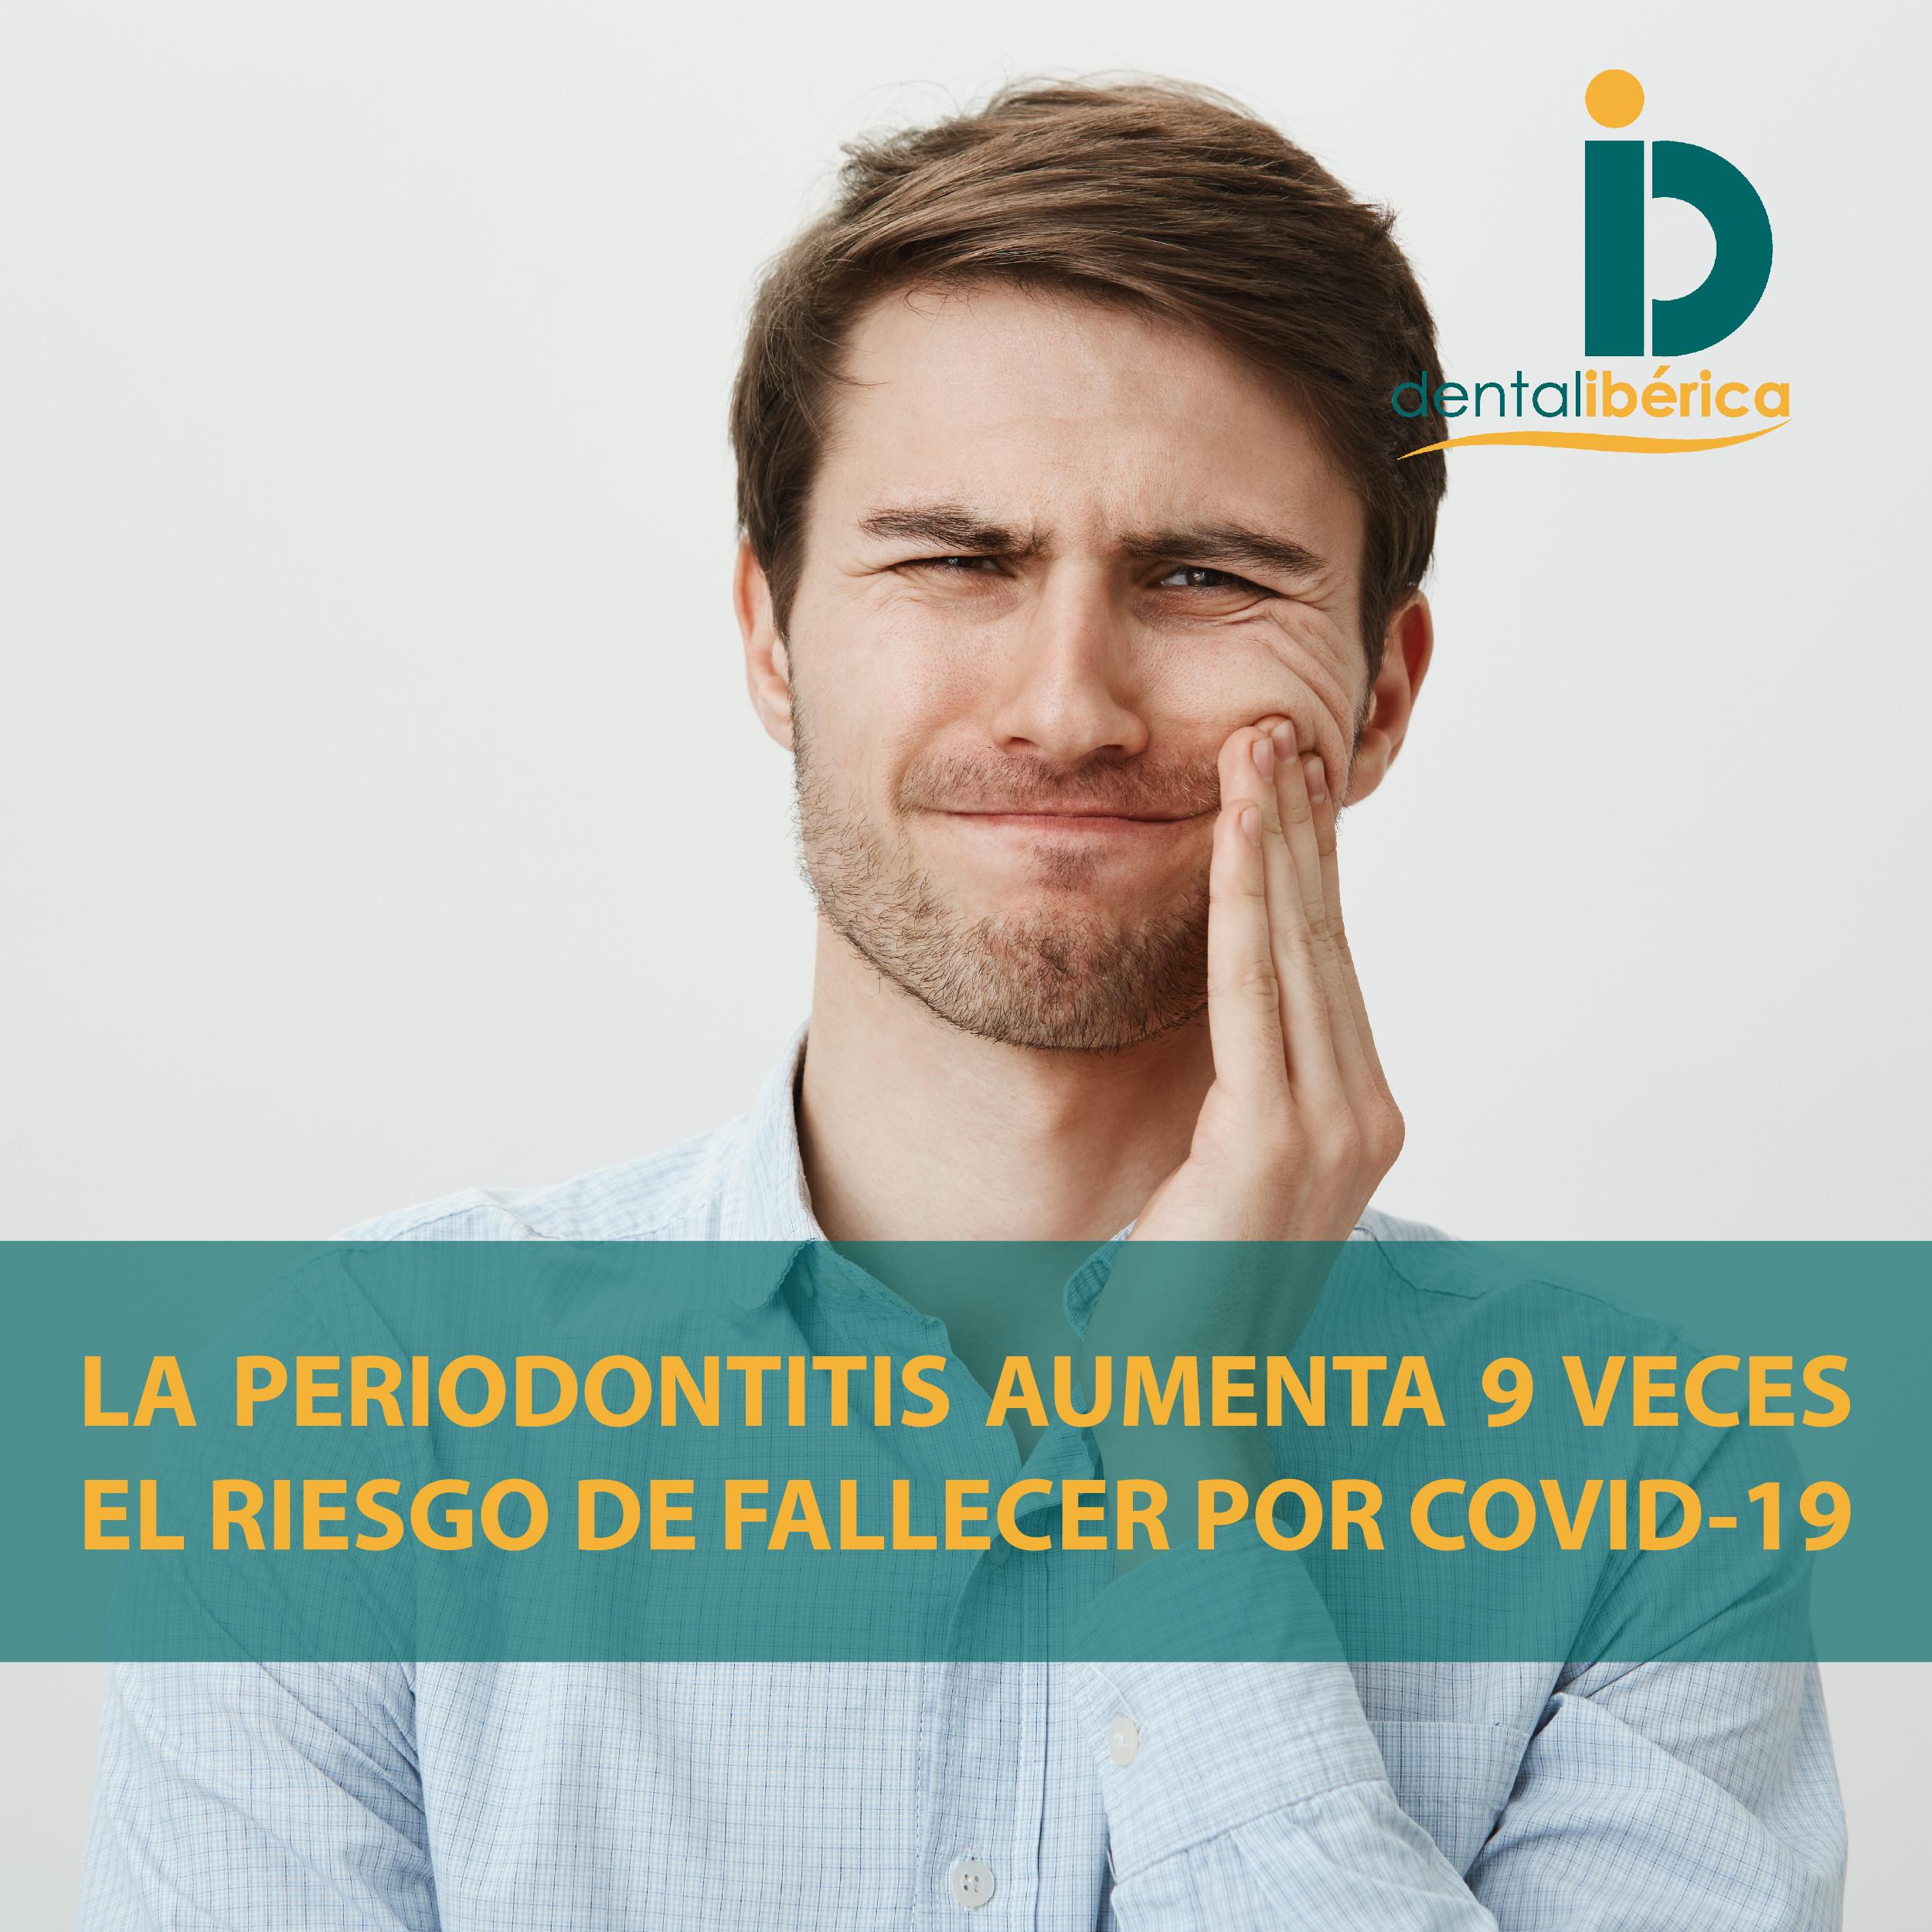 La periodontitis aumenta el riesgo de fallecer por COVID-19